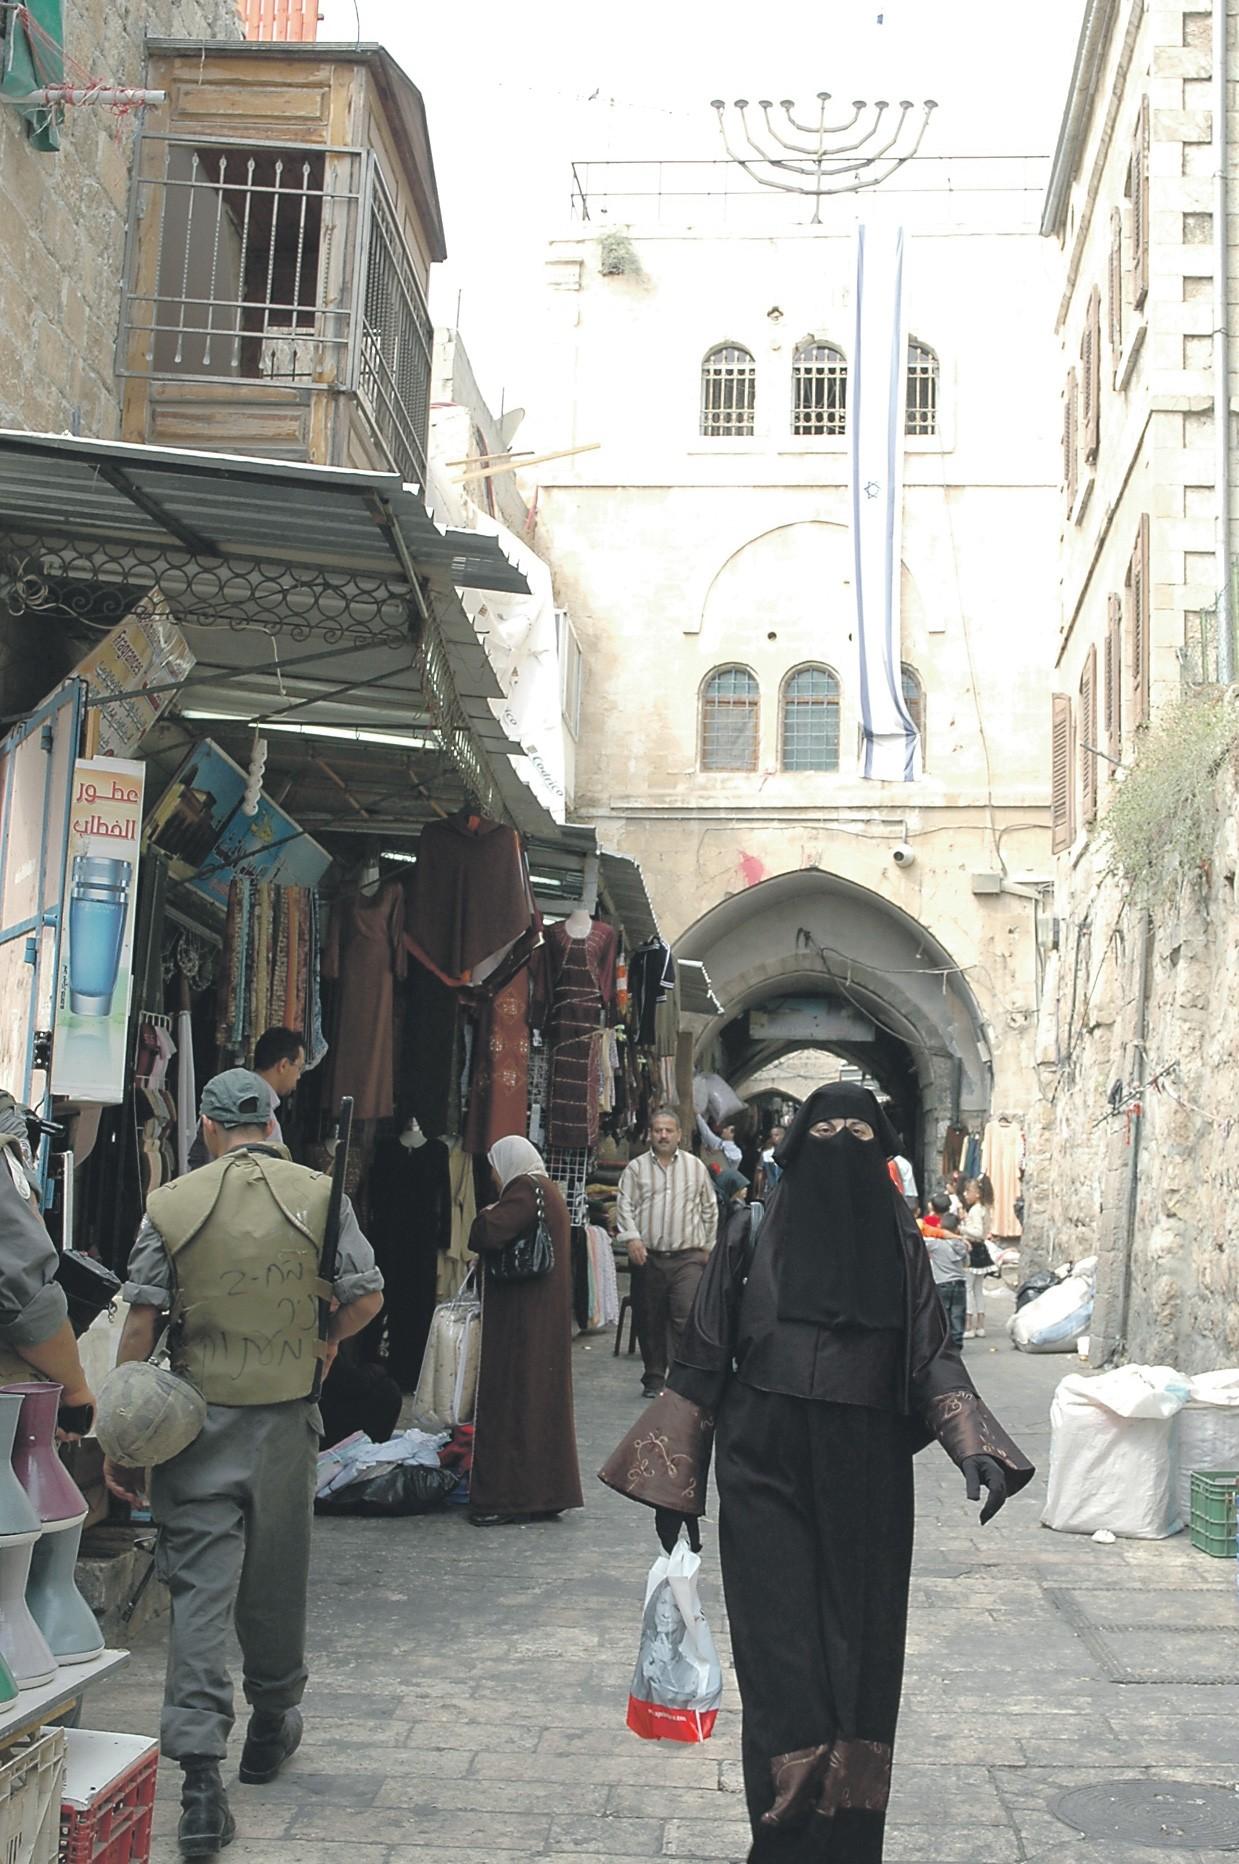 Miten saada mahtumaan mahdollisimman suuri määrä palestiinalaisia mahdollisimman pieneen tilaan?